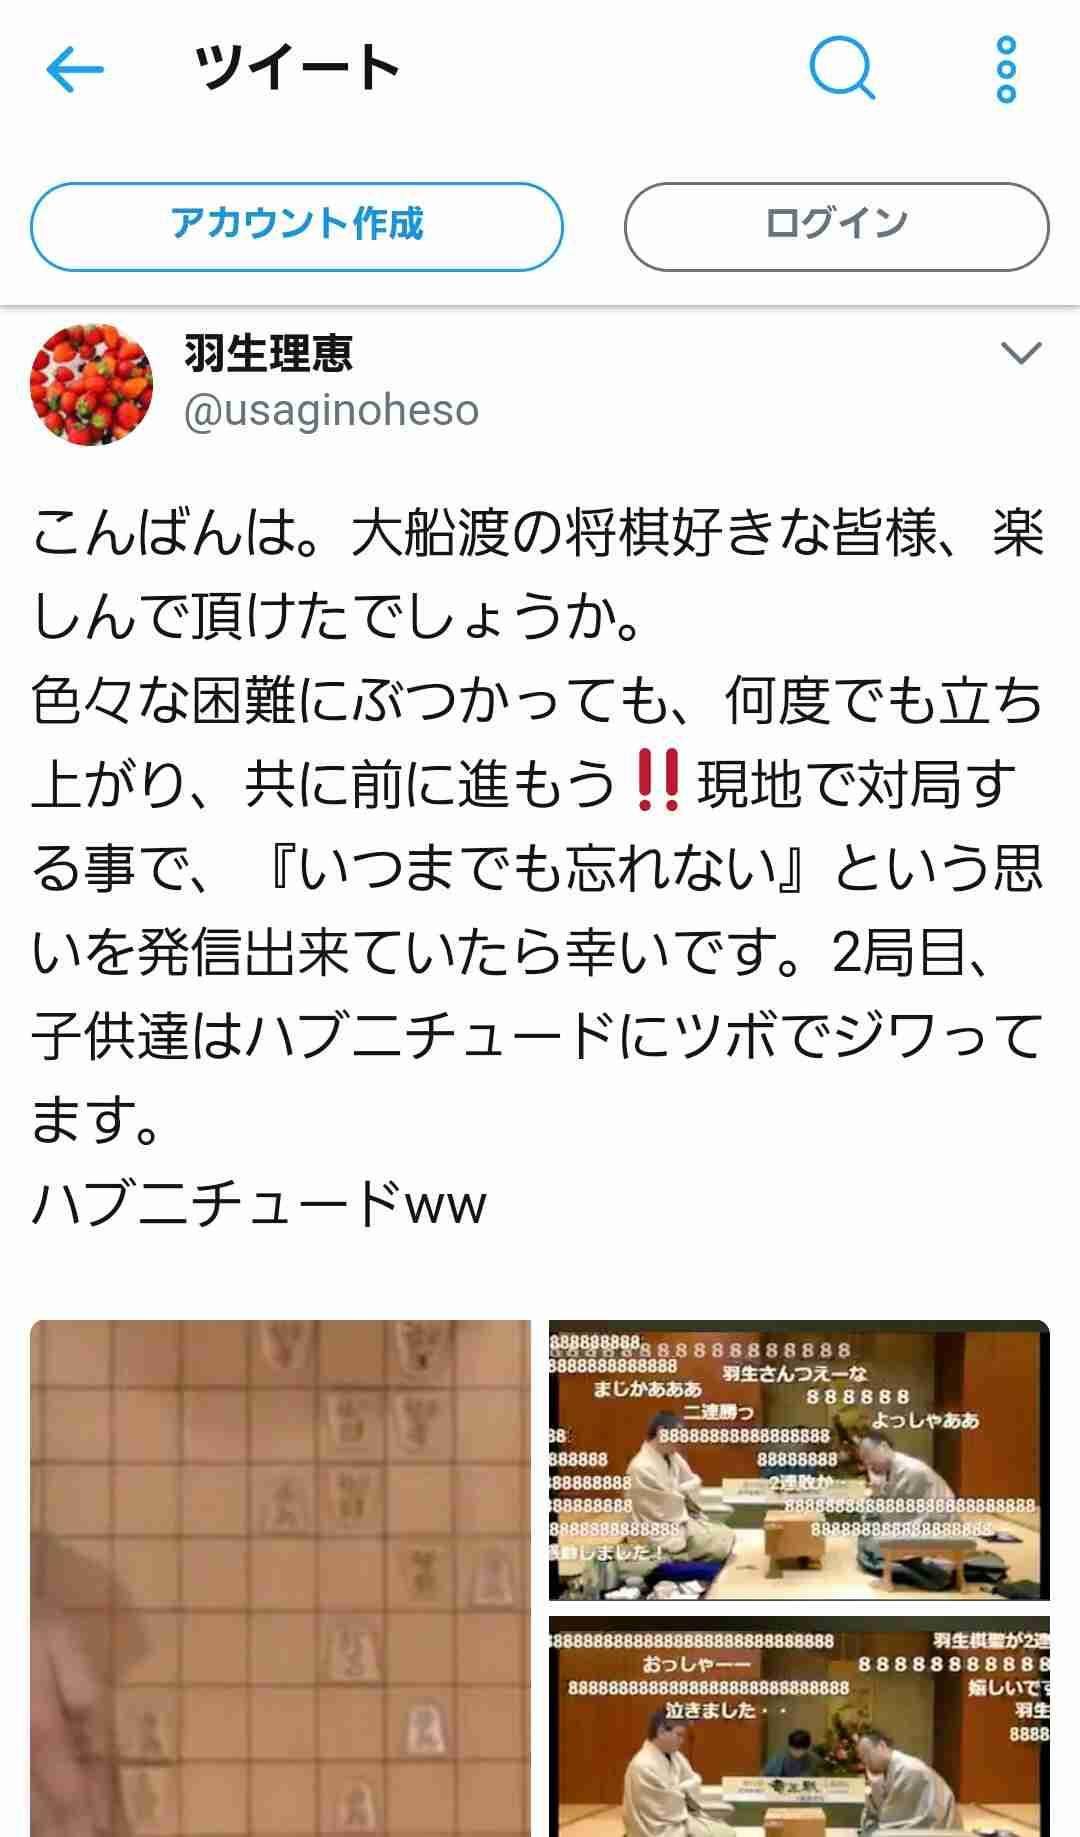 元女優・畠田理恵さん衝突事故 羽生善治竜王の妻